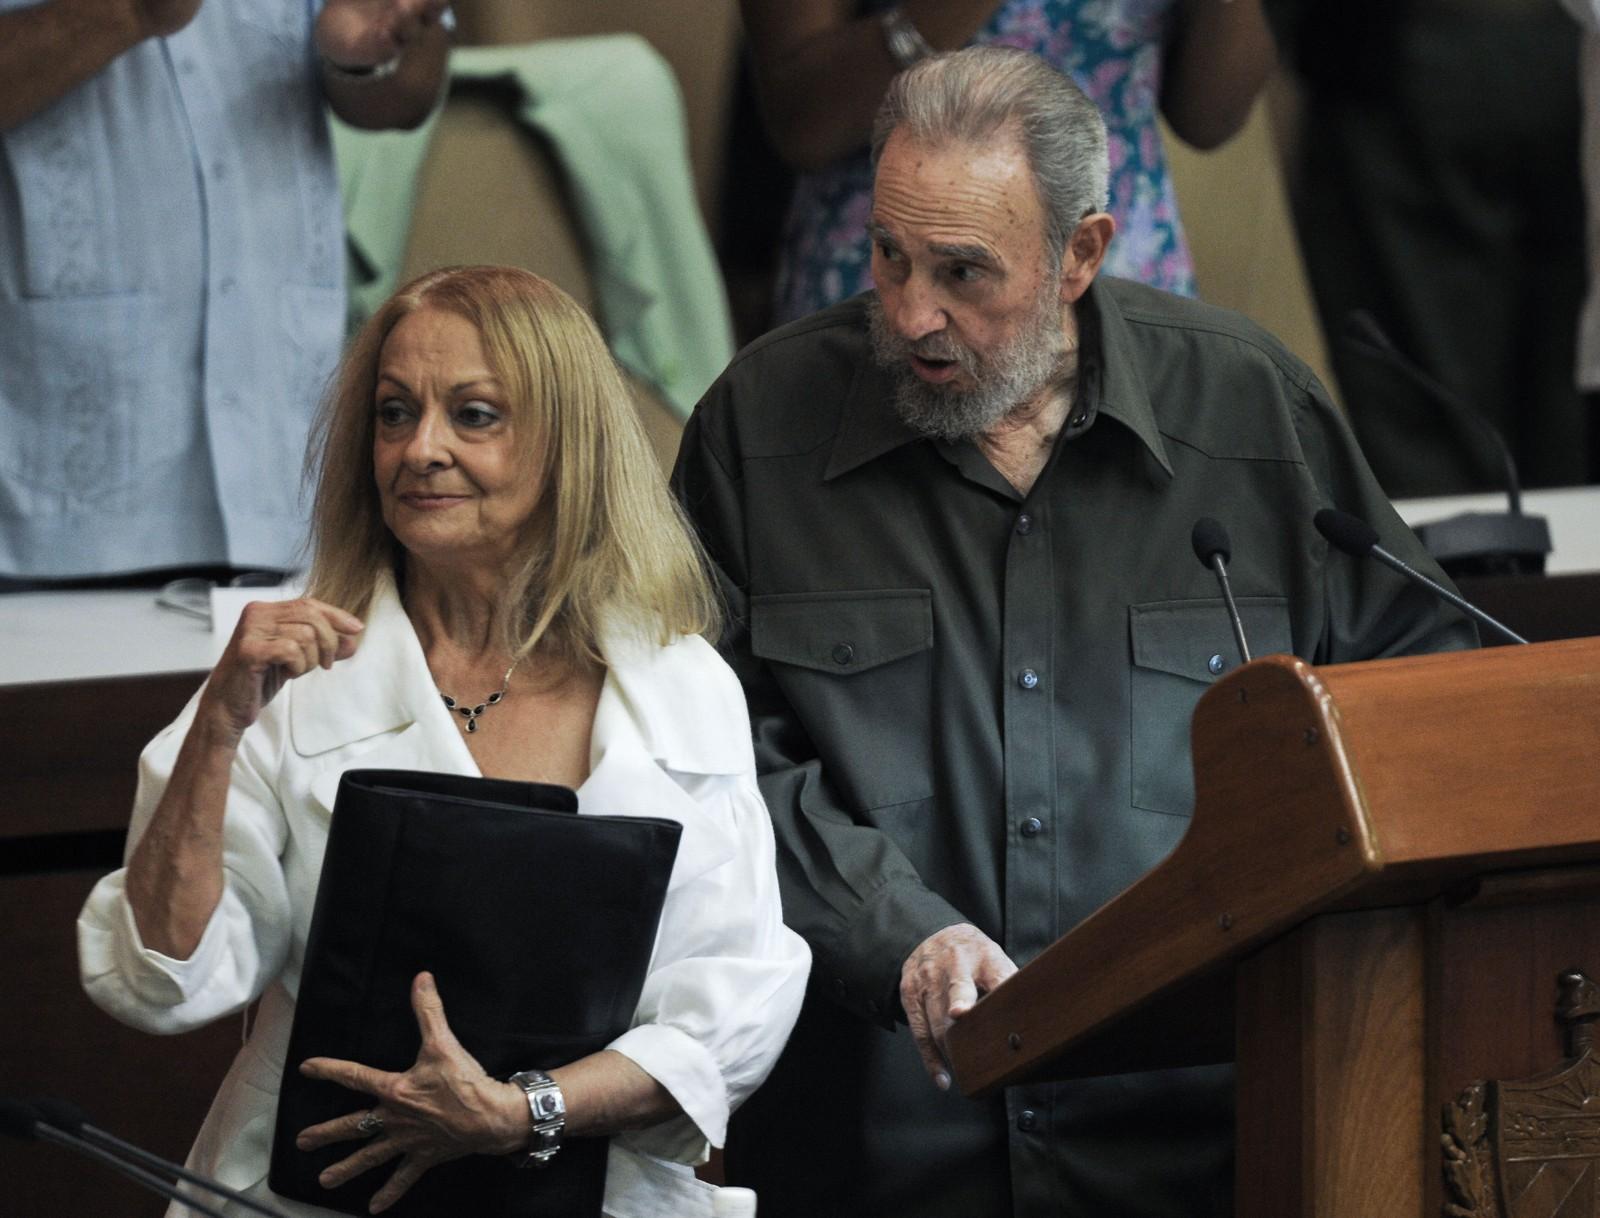 Det er ikke ofte Castros ektefelle Dalia Soto del Valle er avbildet. Fidel Castro mente privatliv og politikk ikke hører sammen. Da Fidel Castro overraskende møtte opp i den cubanske nasjonalforsamlingen i august 2010, etter fire års fravær, benyttet fotografene anledningen til å forevige begge øyeblikkene.